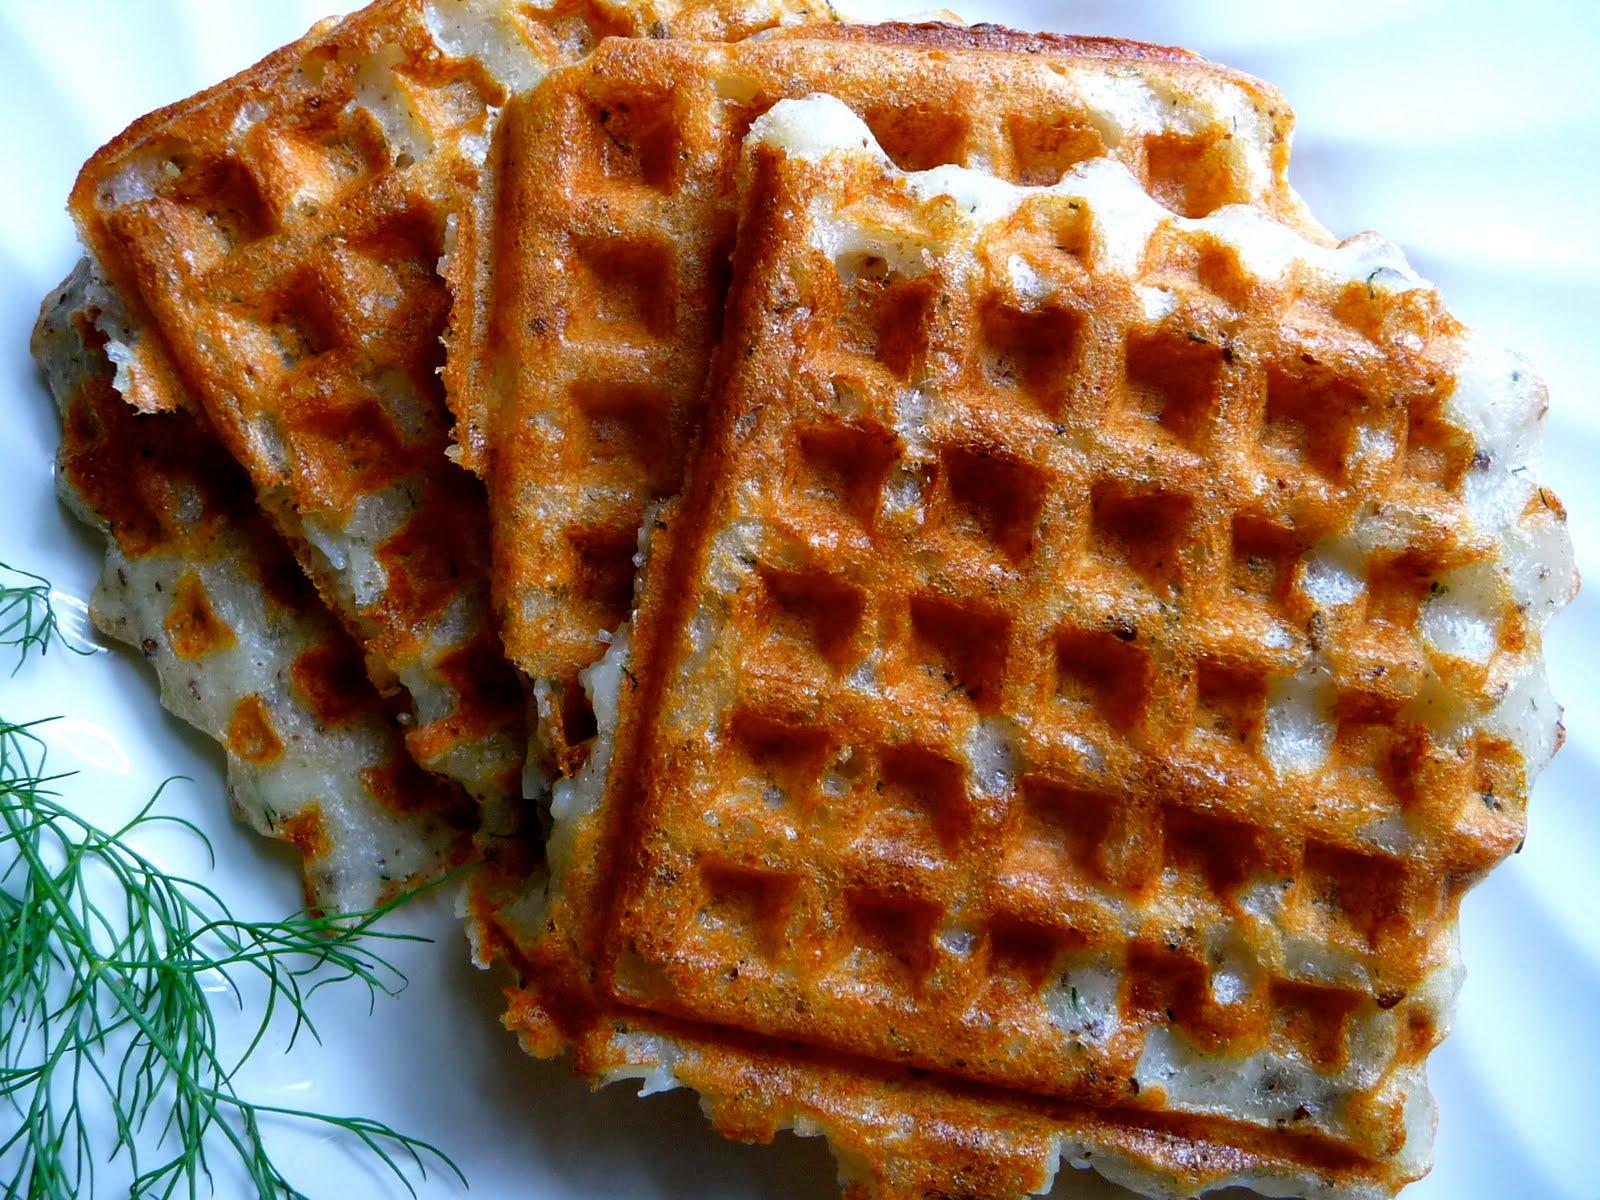 The Daily Dietribe: Savory Potato Waffles a.k.a. Waffle Fries